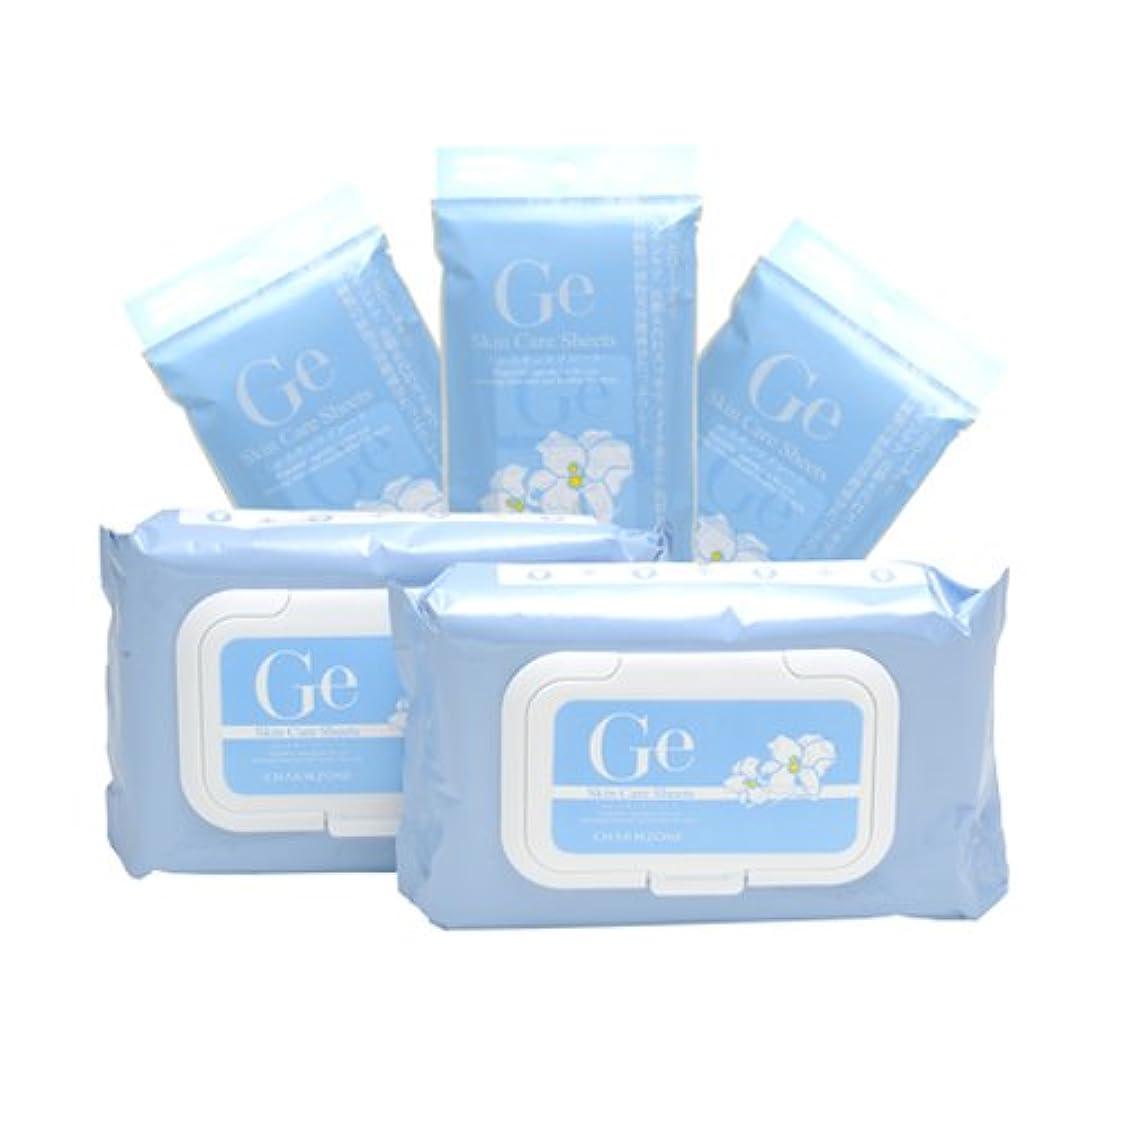 付属品リスキーな無線チャームゾーン Geスキンケアシート 150枚セット(60枚×2個+10枚×3個) (リリー)